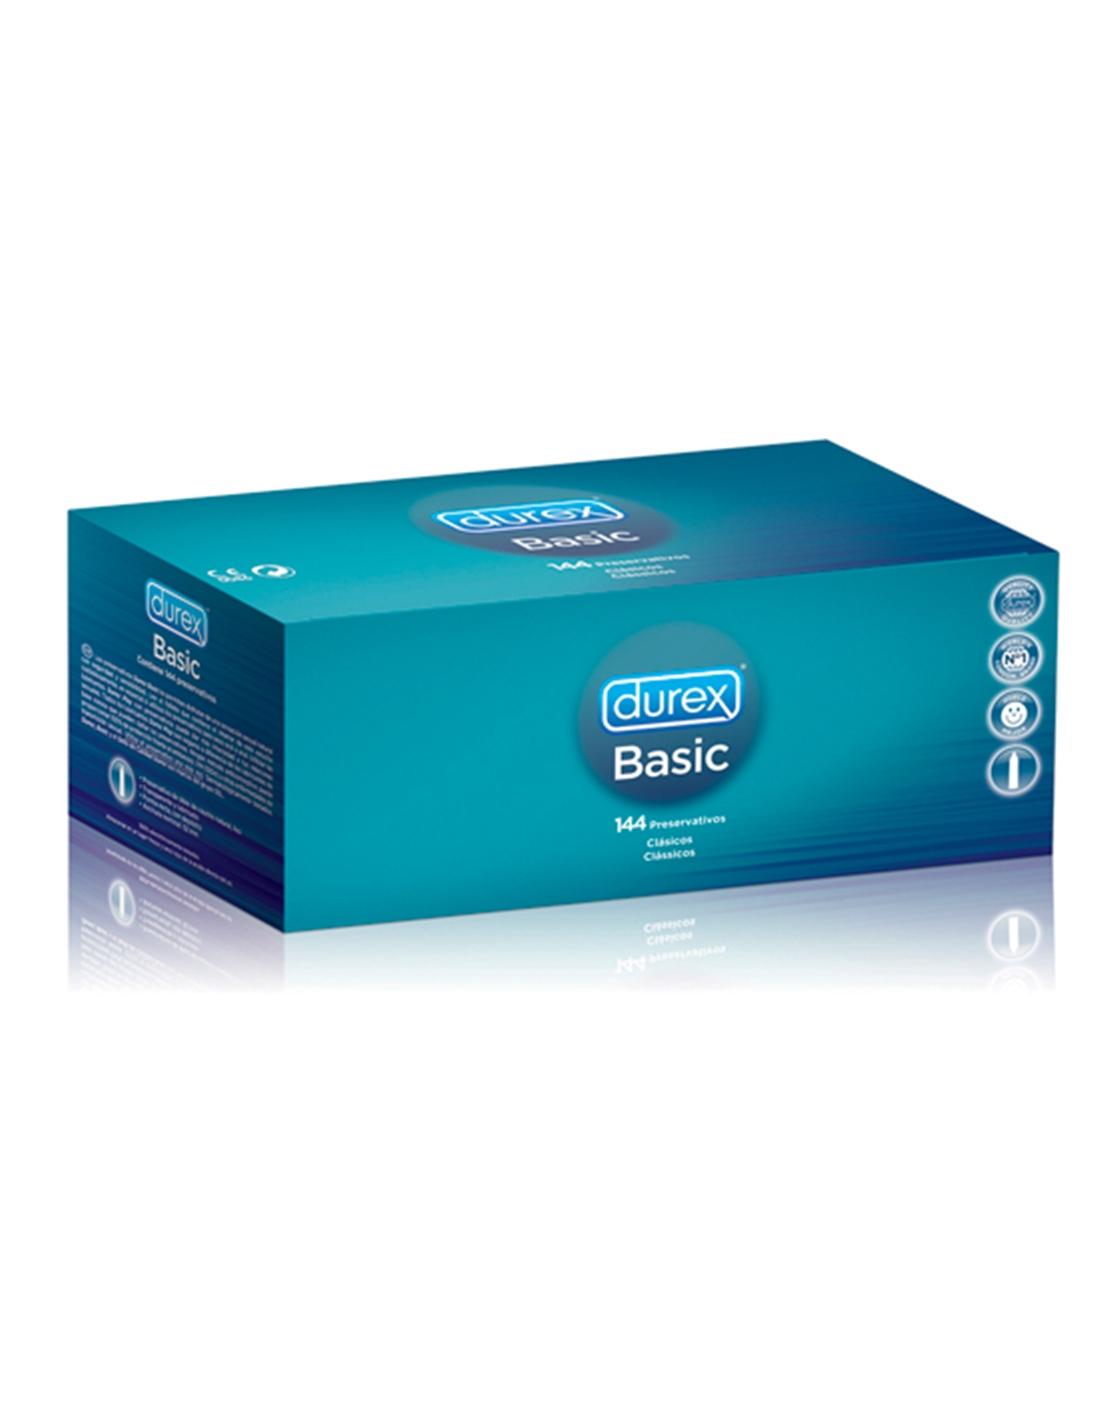 Durex Basic 144 Unidades - PR2010323843